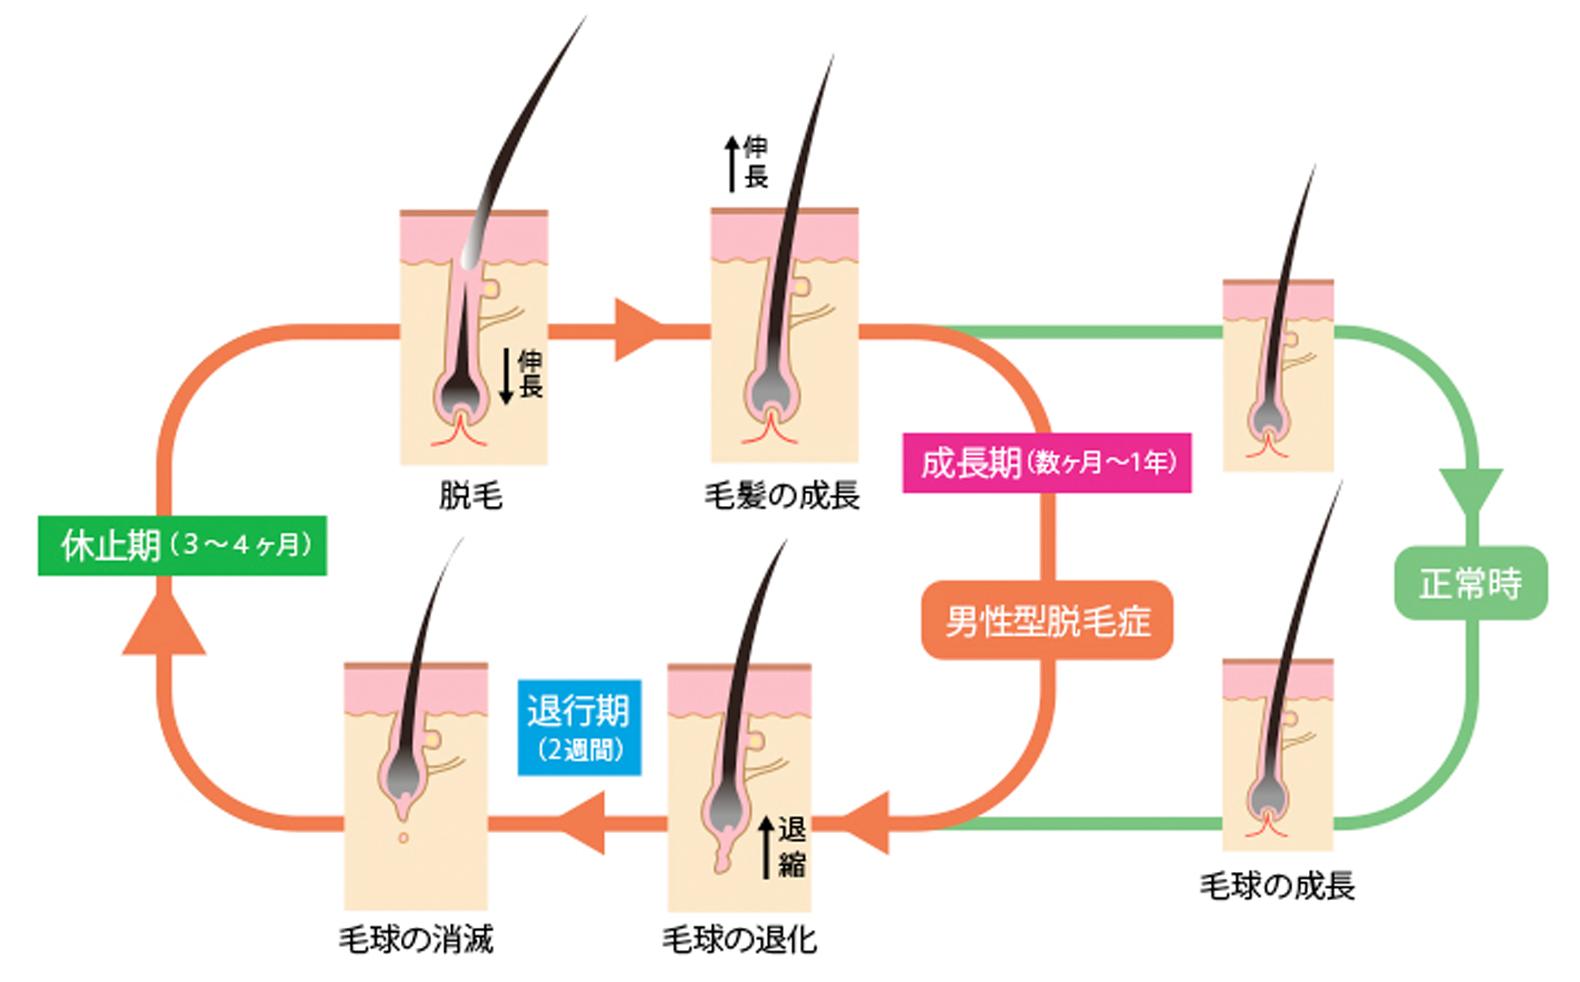 正常なヘアサイクルと、AGAのヘアサイクル